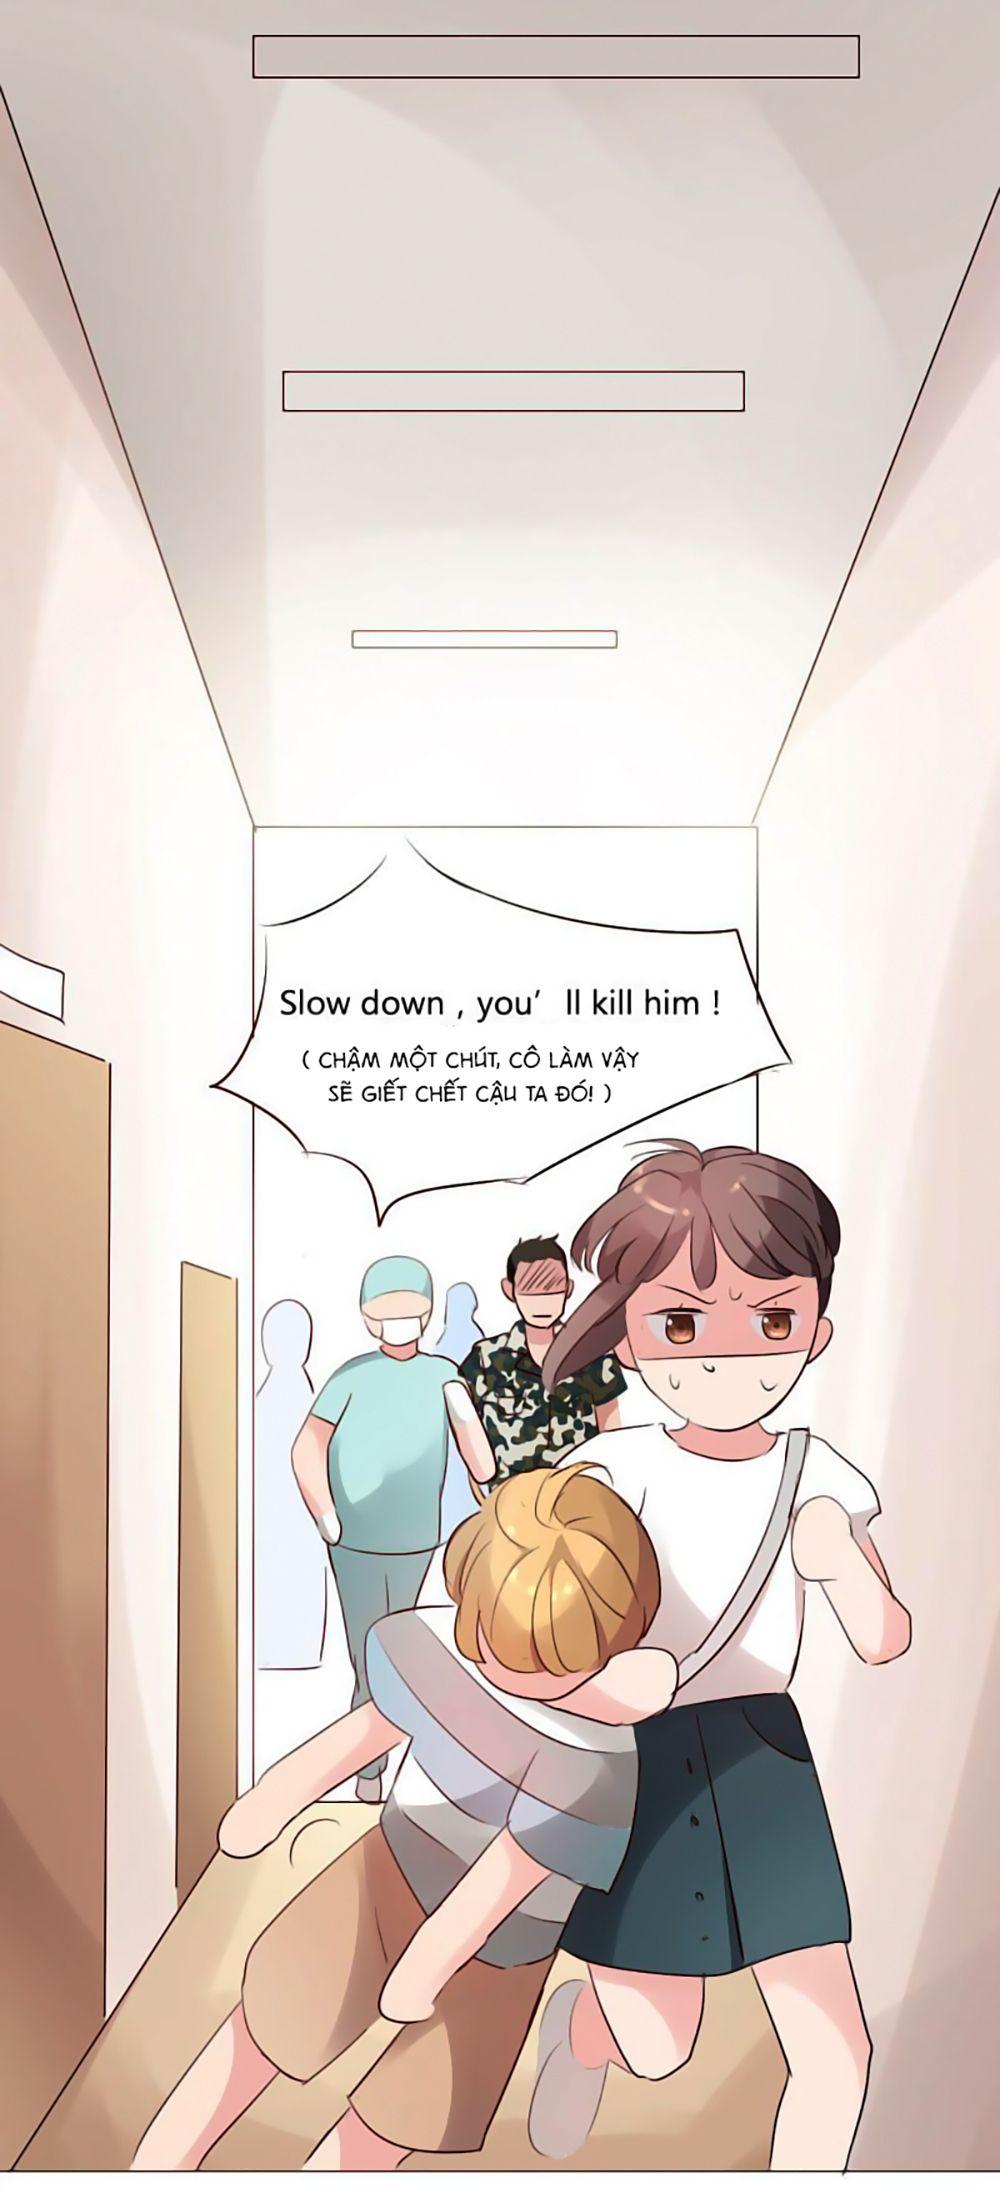 Quay Đầu Nhìn Lại, Anh Yêu Em! chap 7 - Trang 19